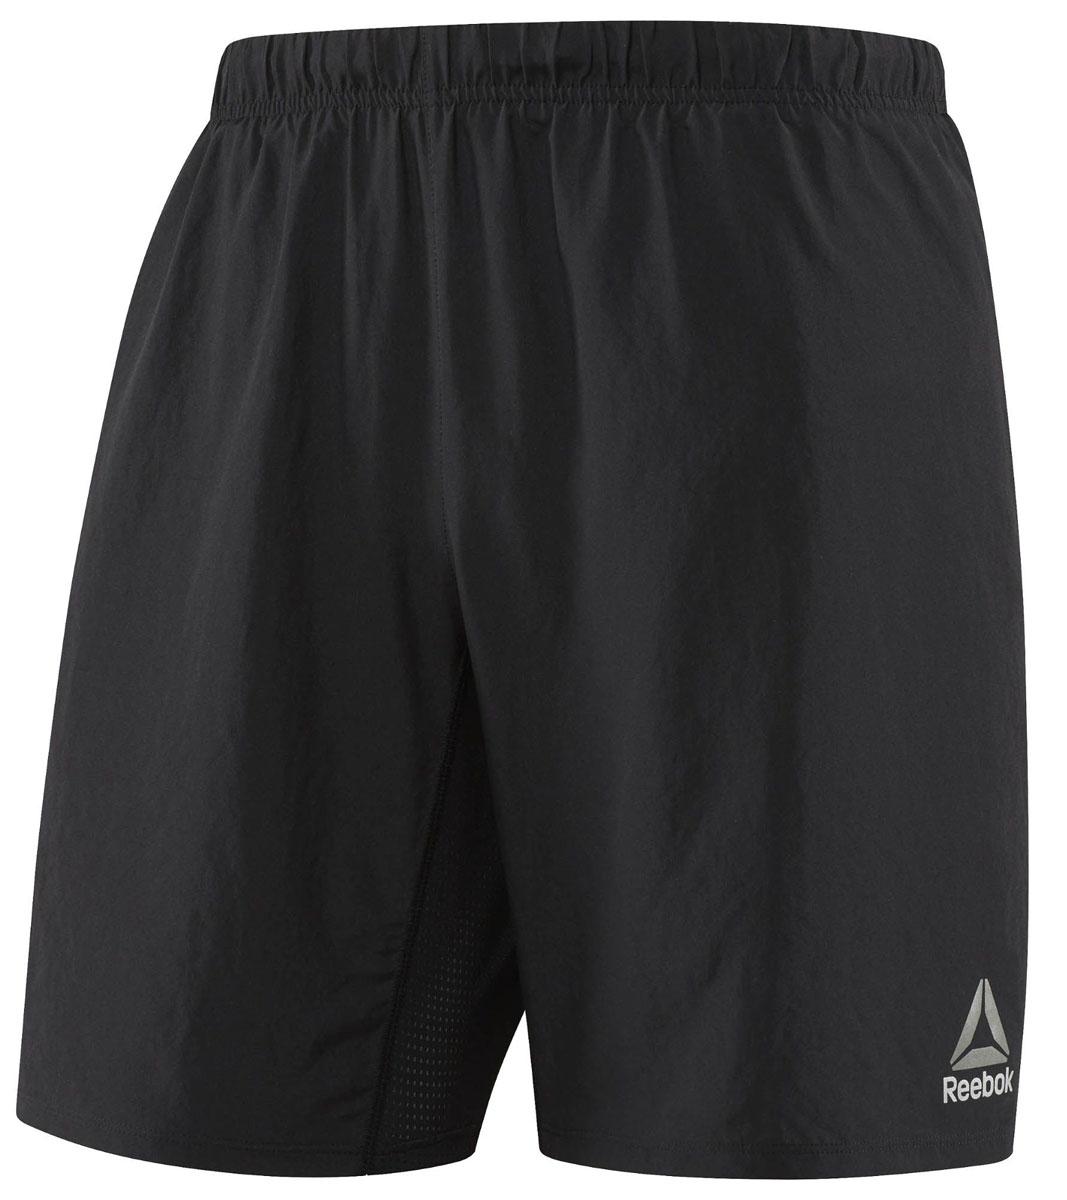 ШортыBK2241Сделайте каждую тренировку идеальной в шортах от Reebok